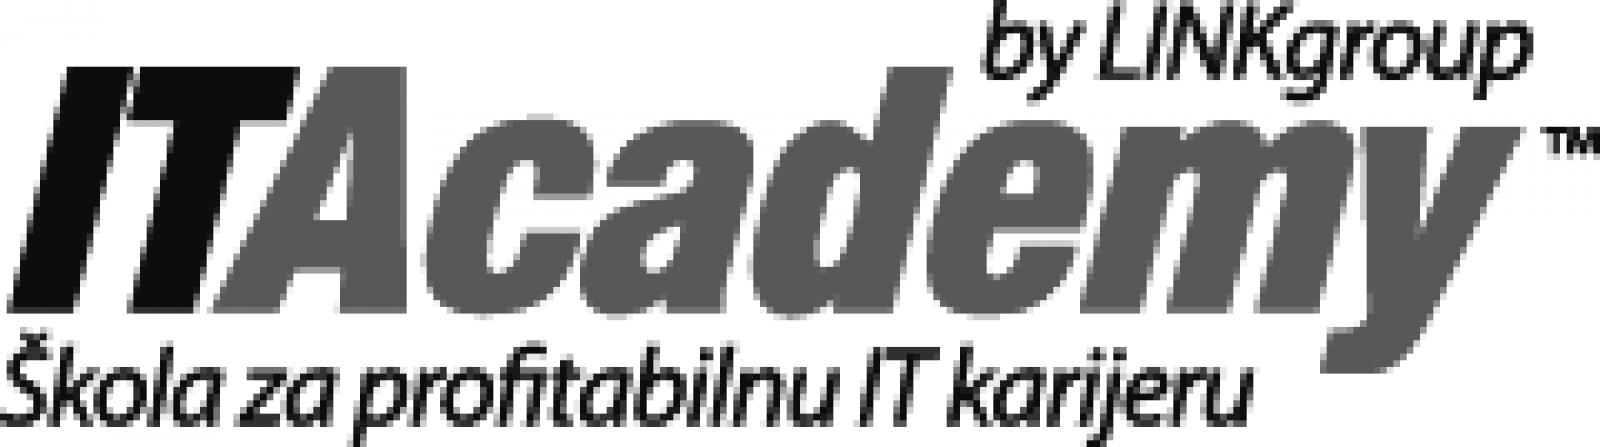 Bilbord za kompaniju ITAcademy